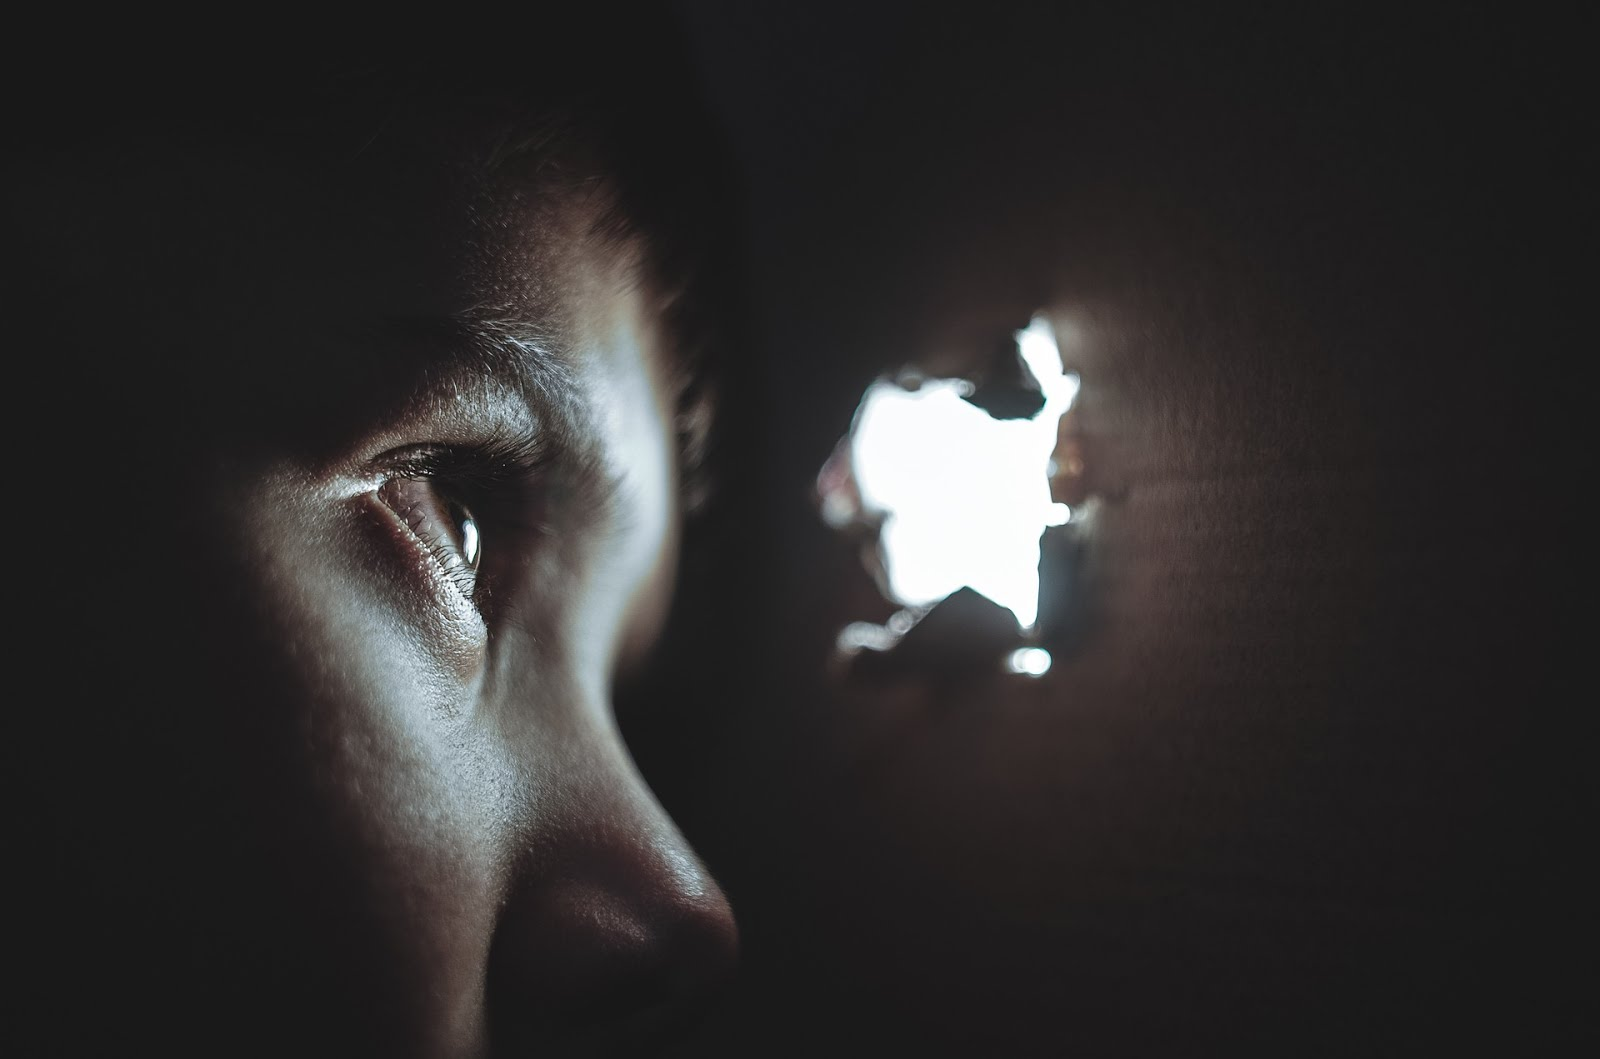 Diccionario Emocional: El Miedo